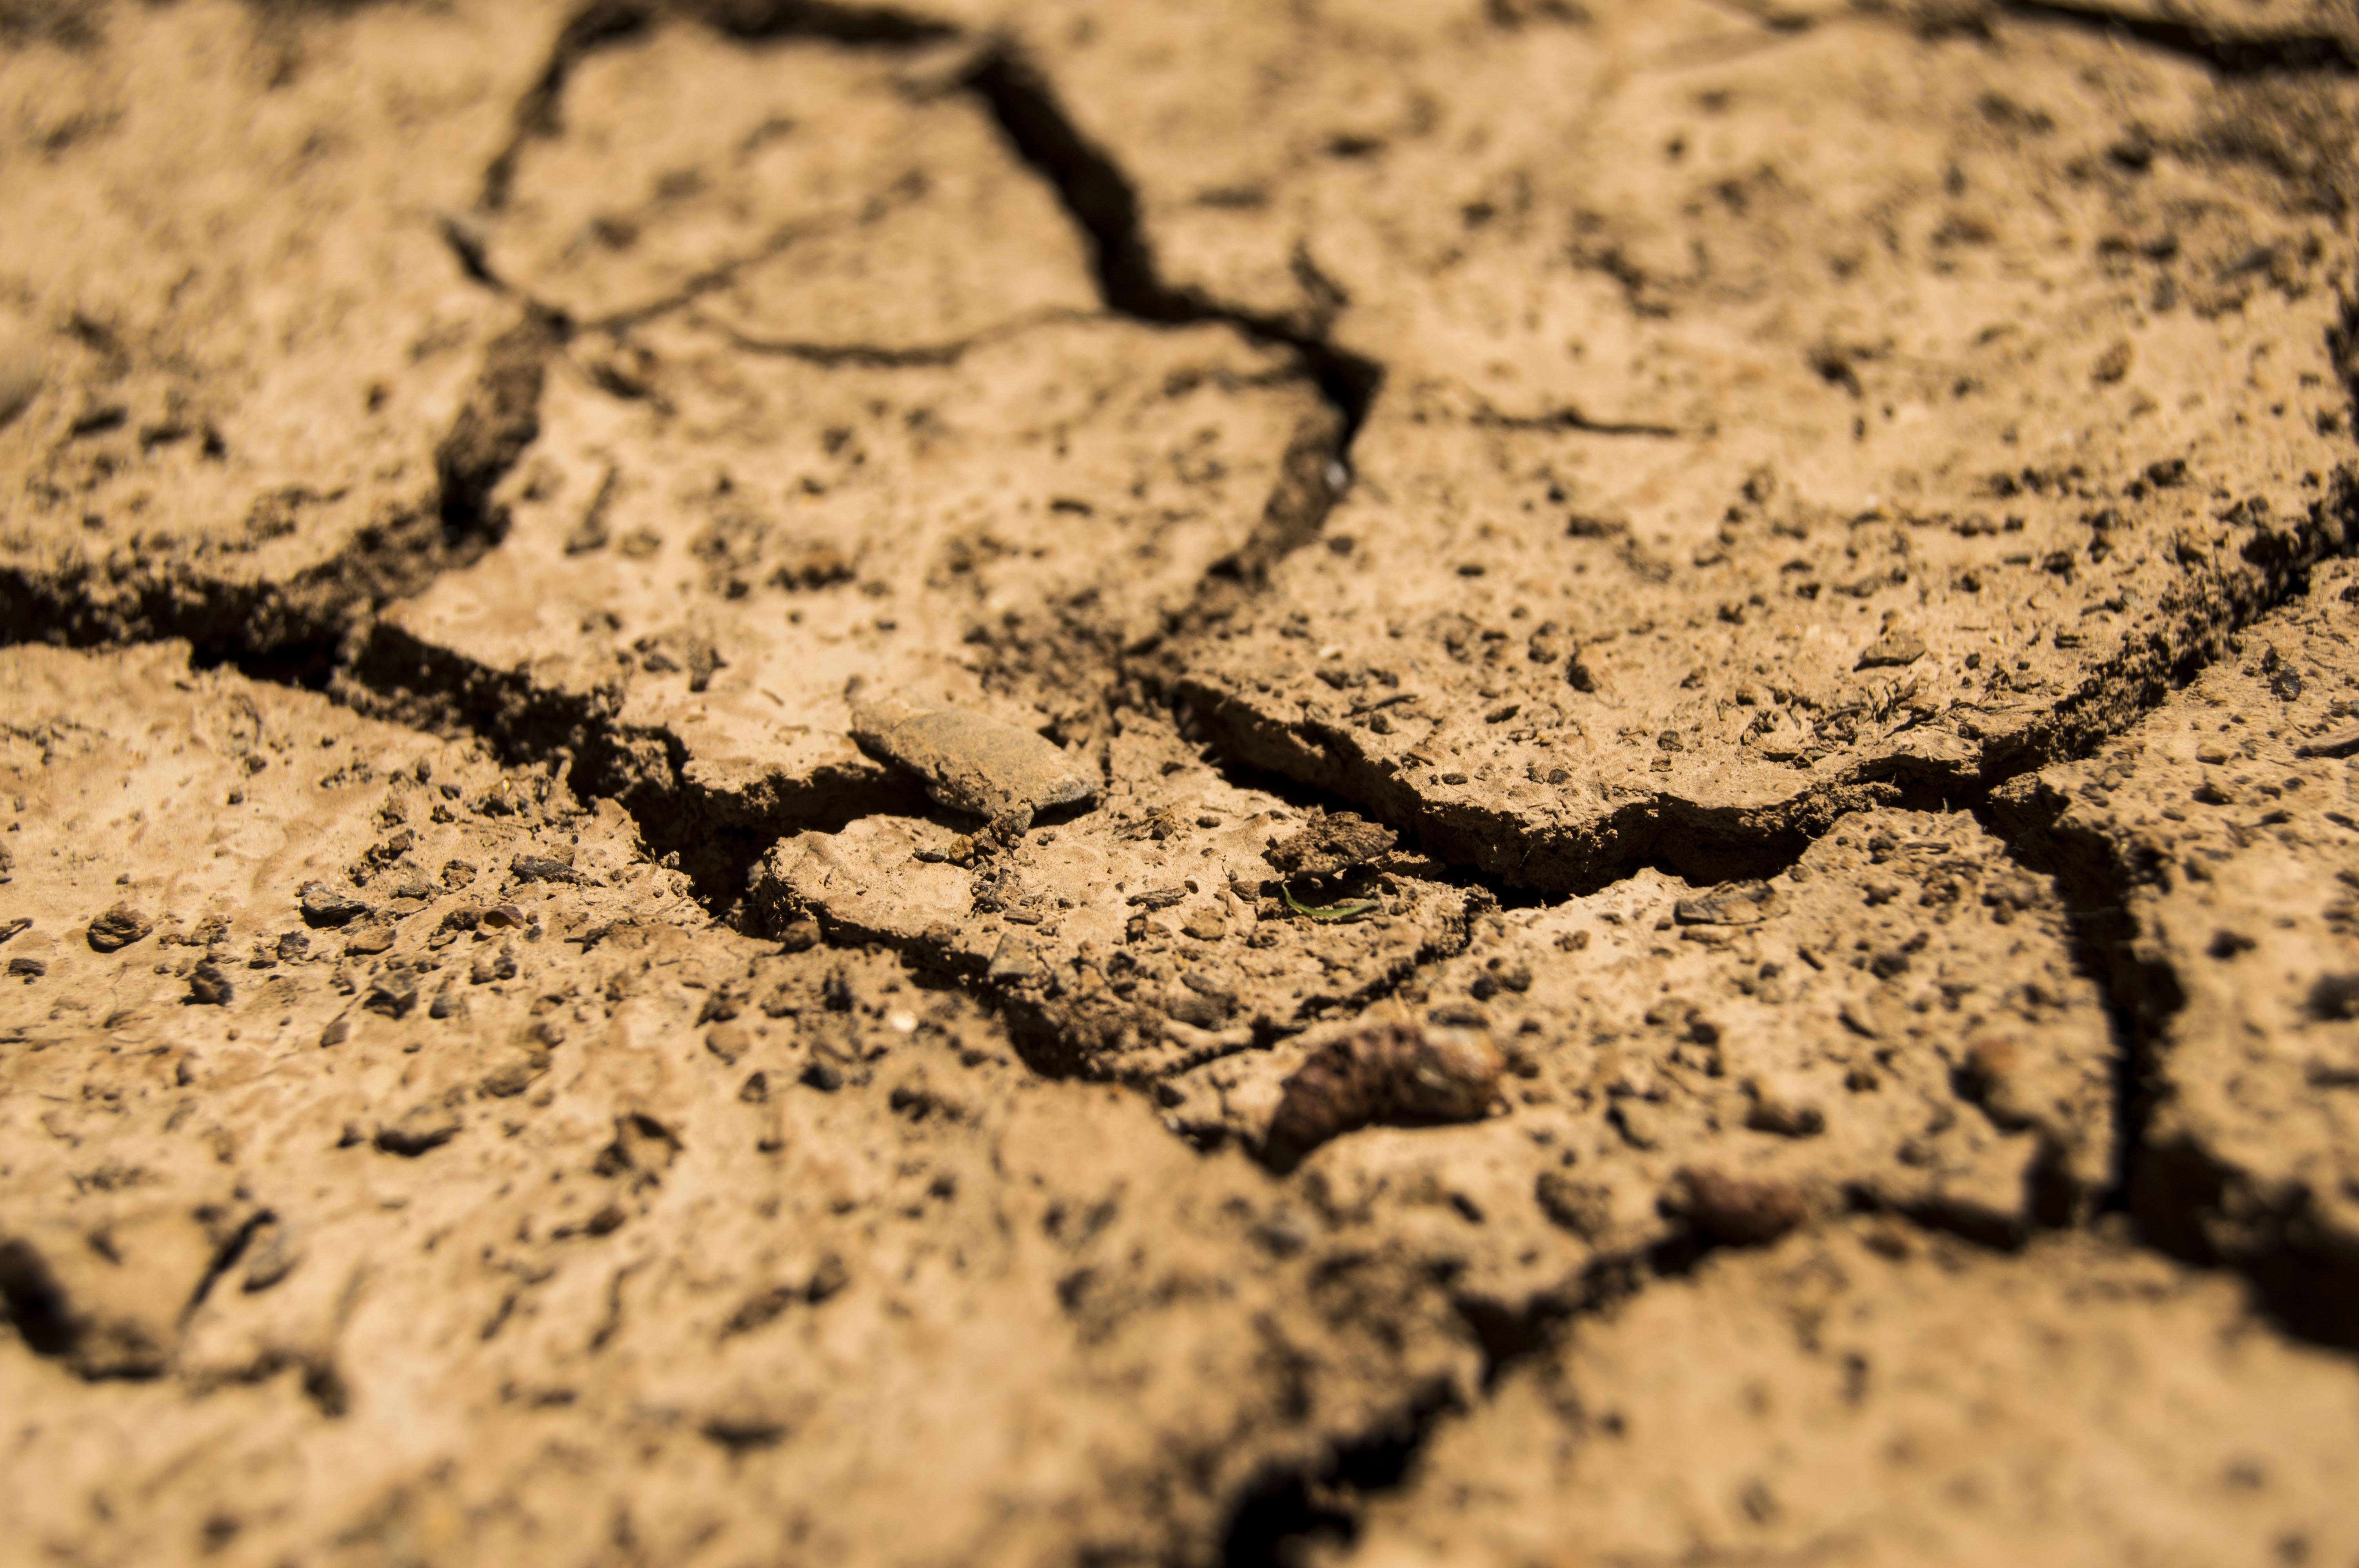 Dry Broken Soil